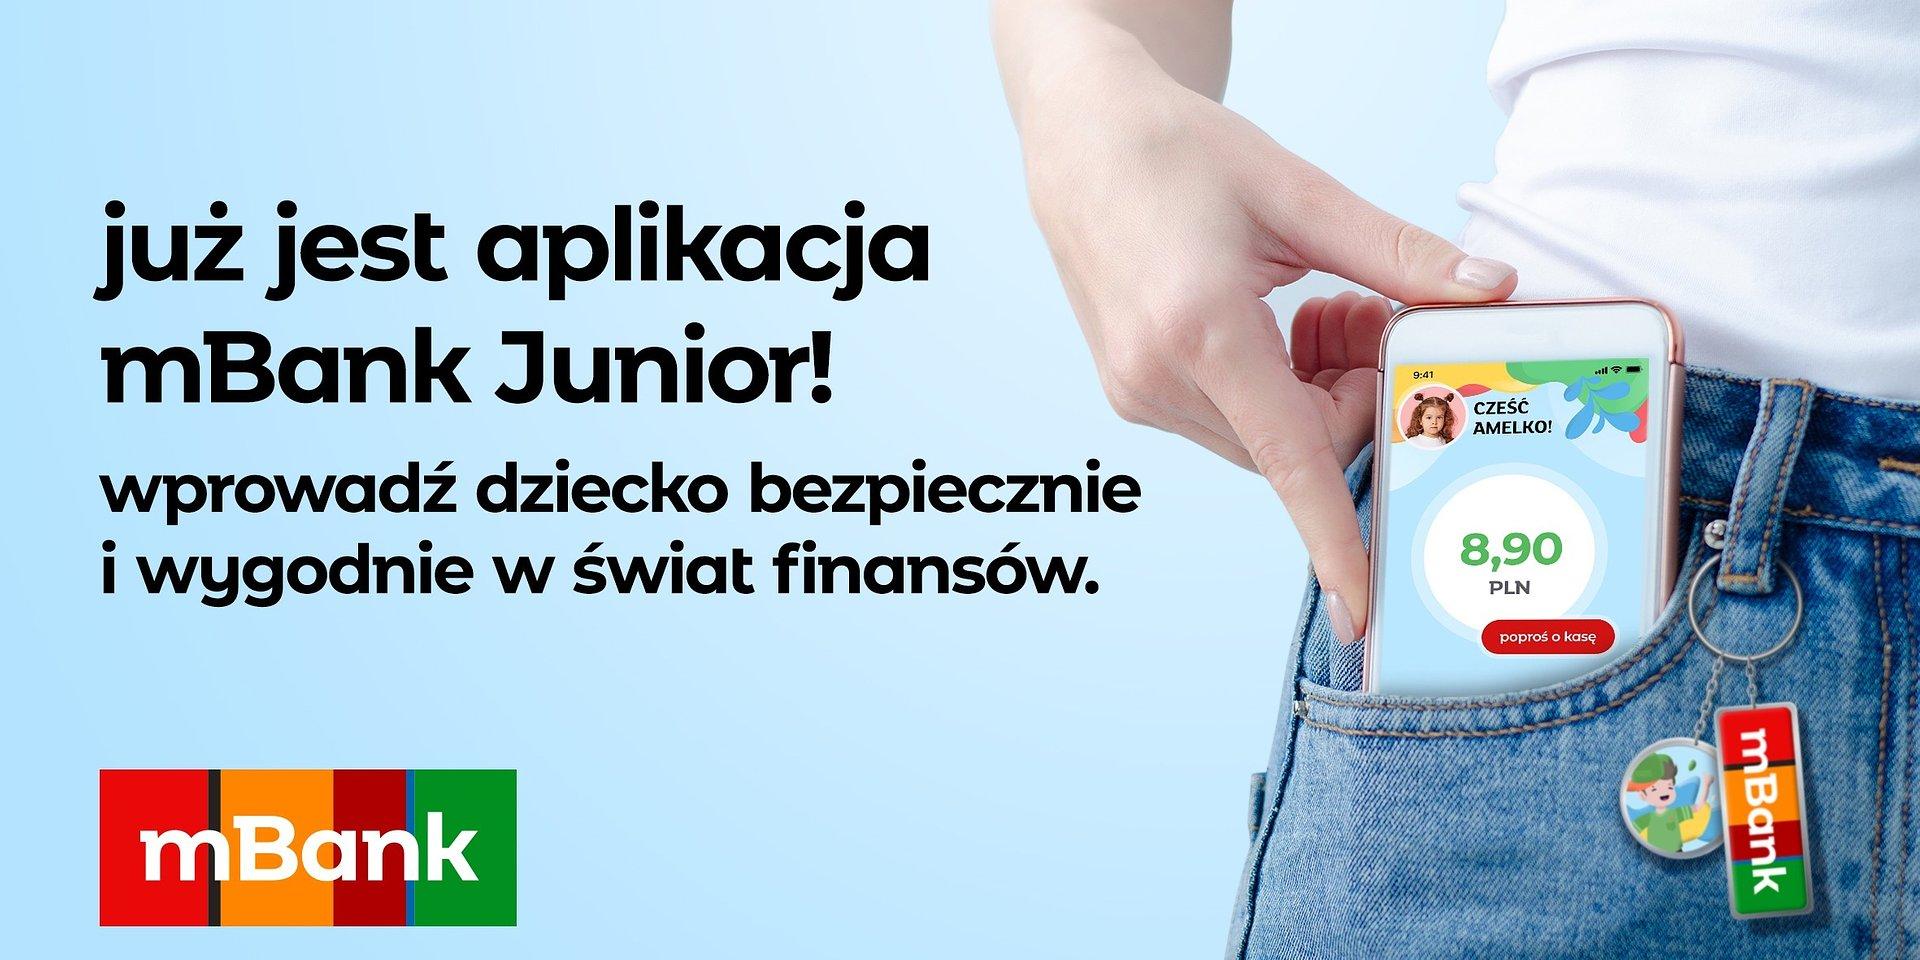 Już jest! Aplikacja mobilna do konta Junior